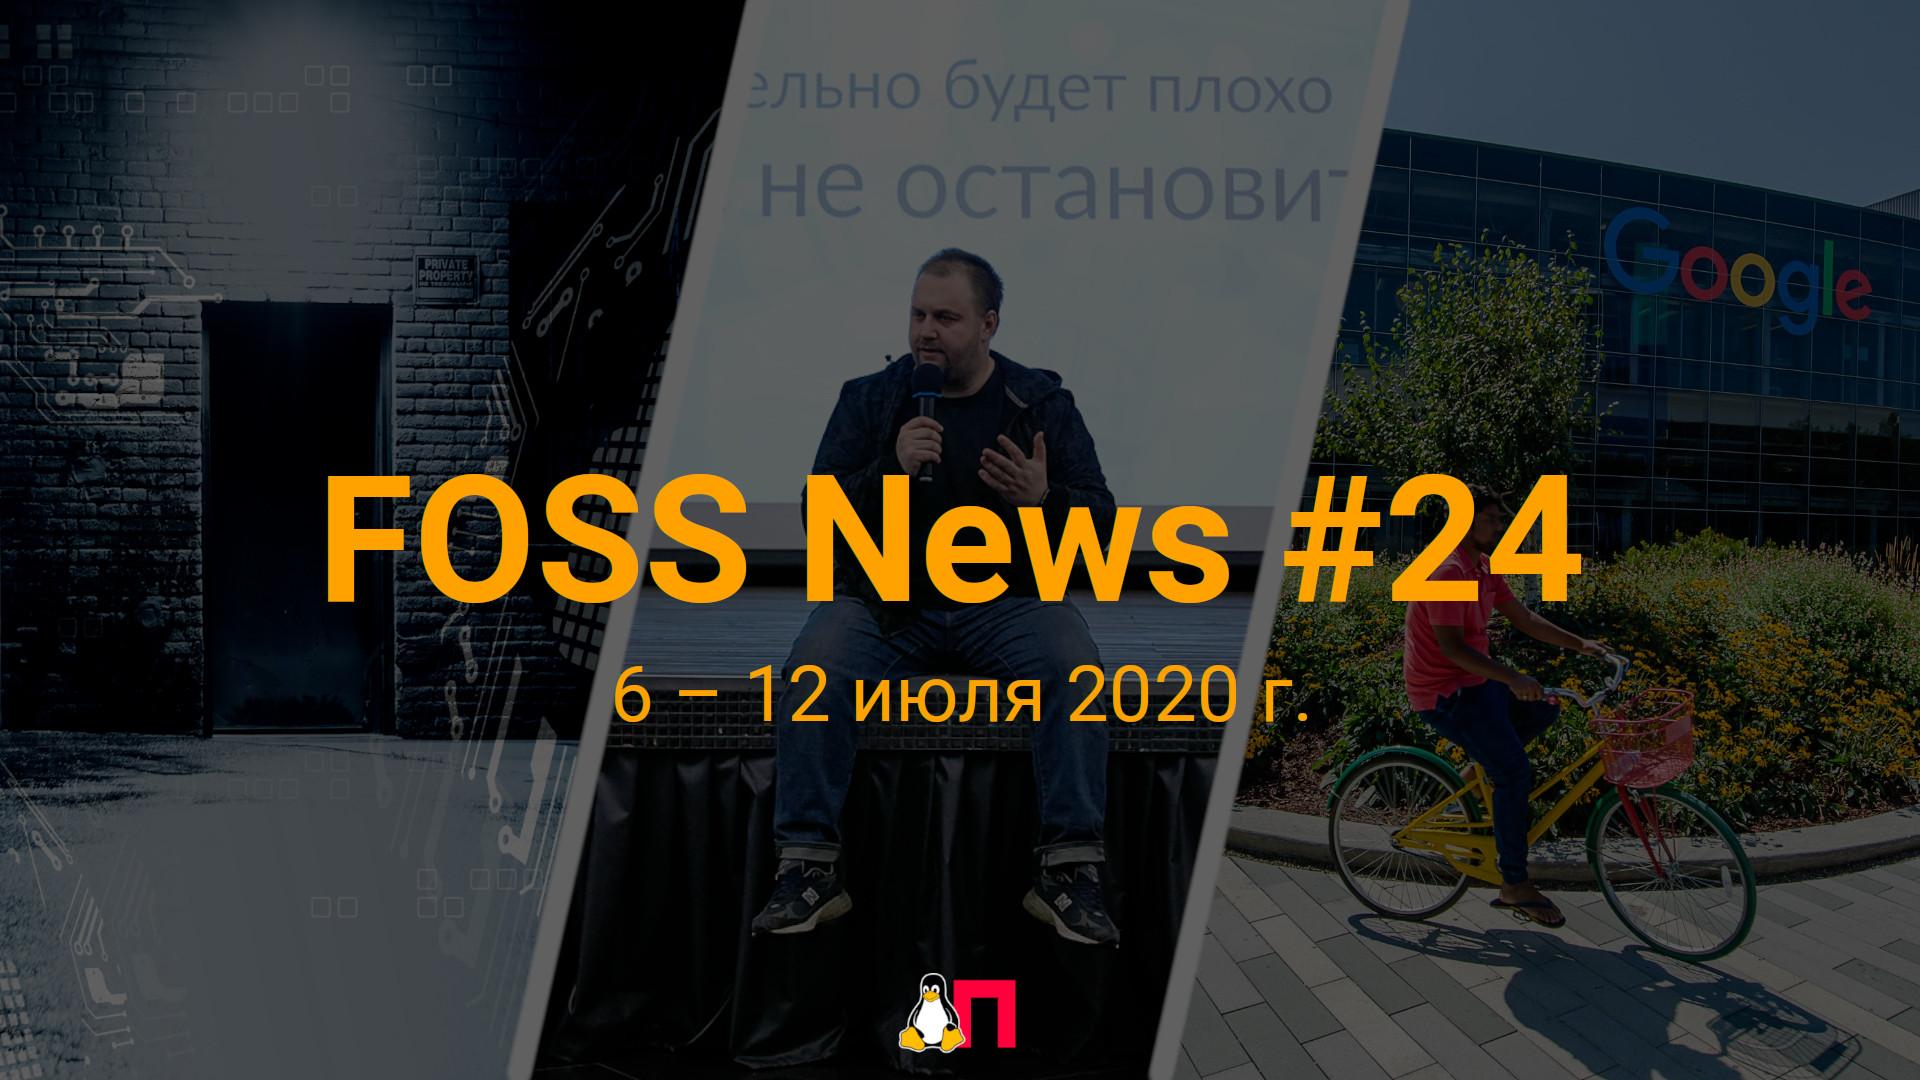 FOSS News 24  обзор новостей свободного и открытого ПО за 612 июля 2020 года